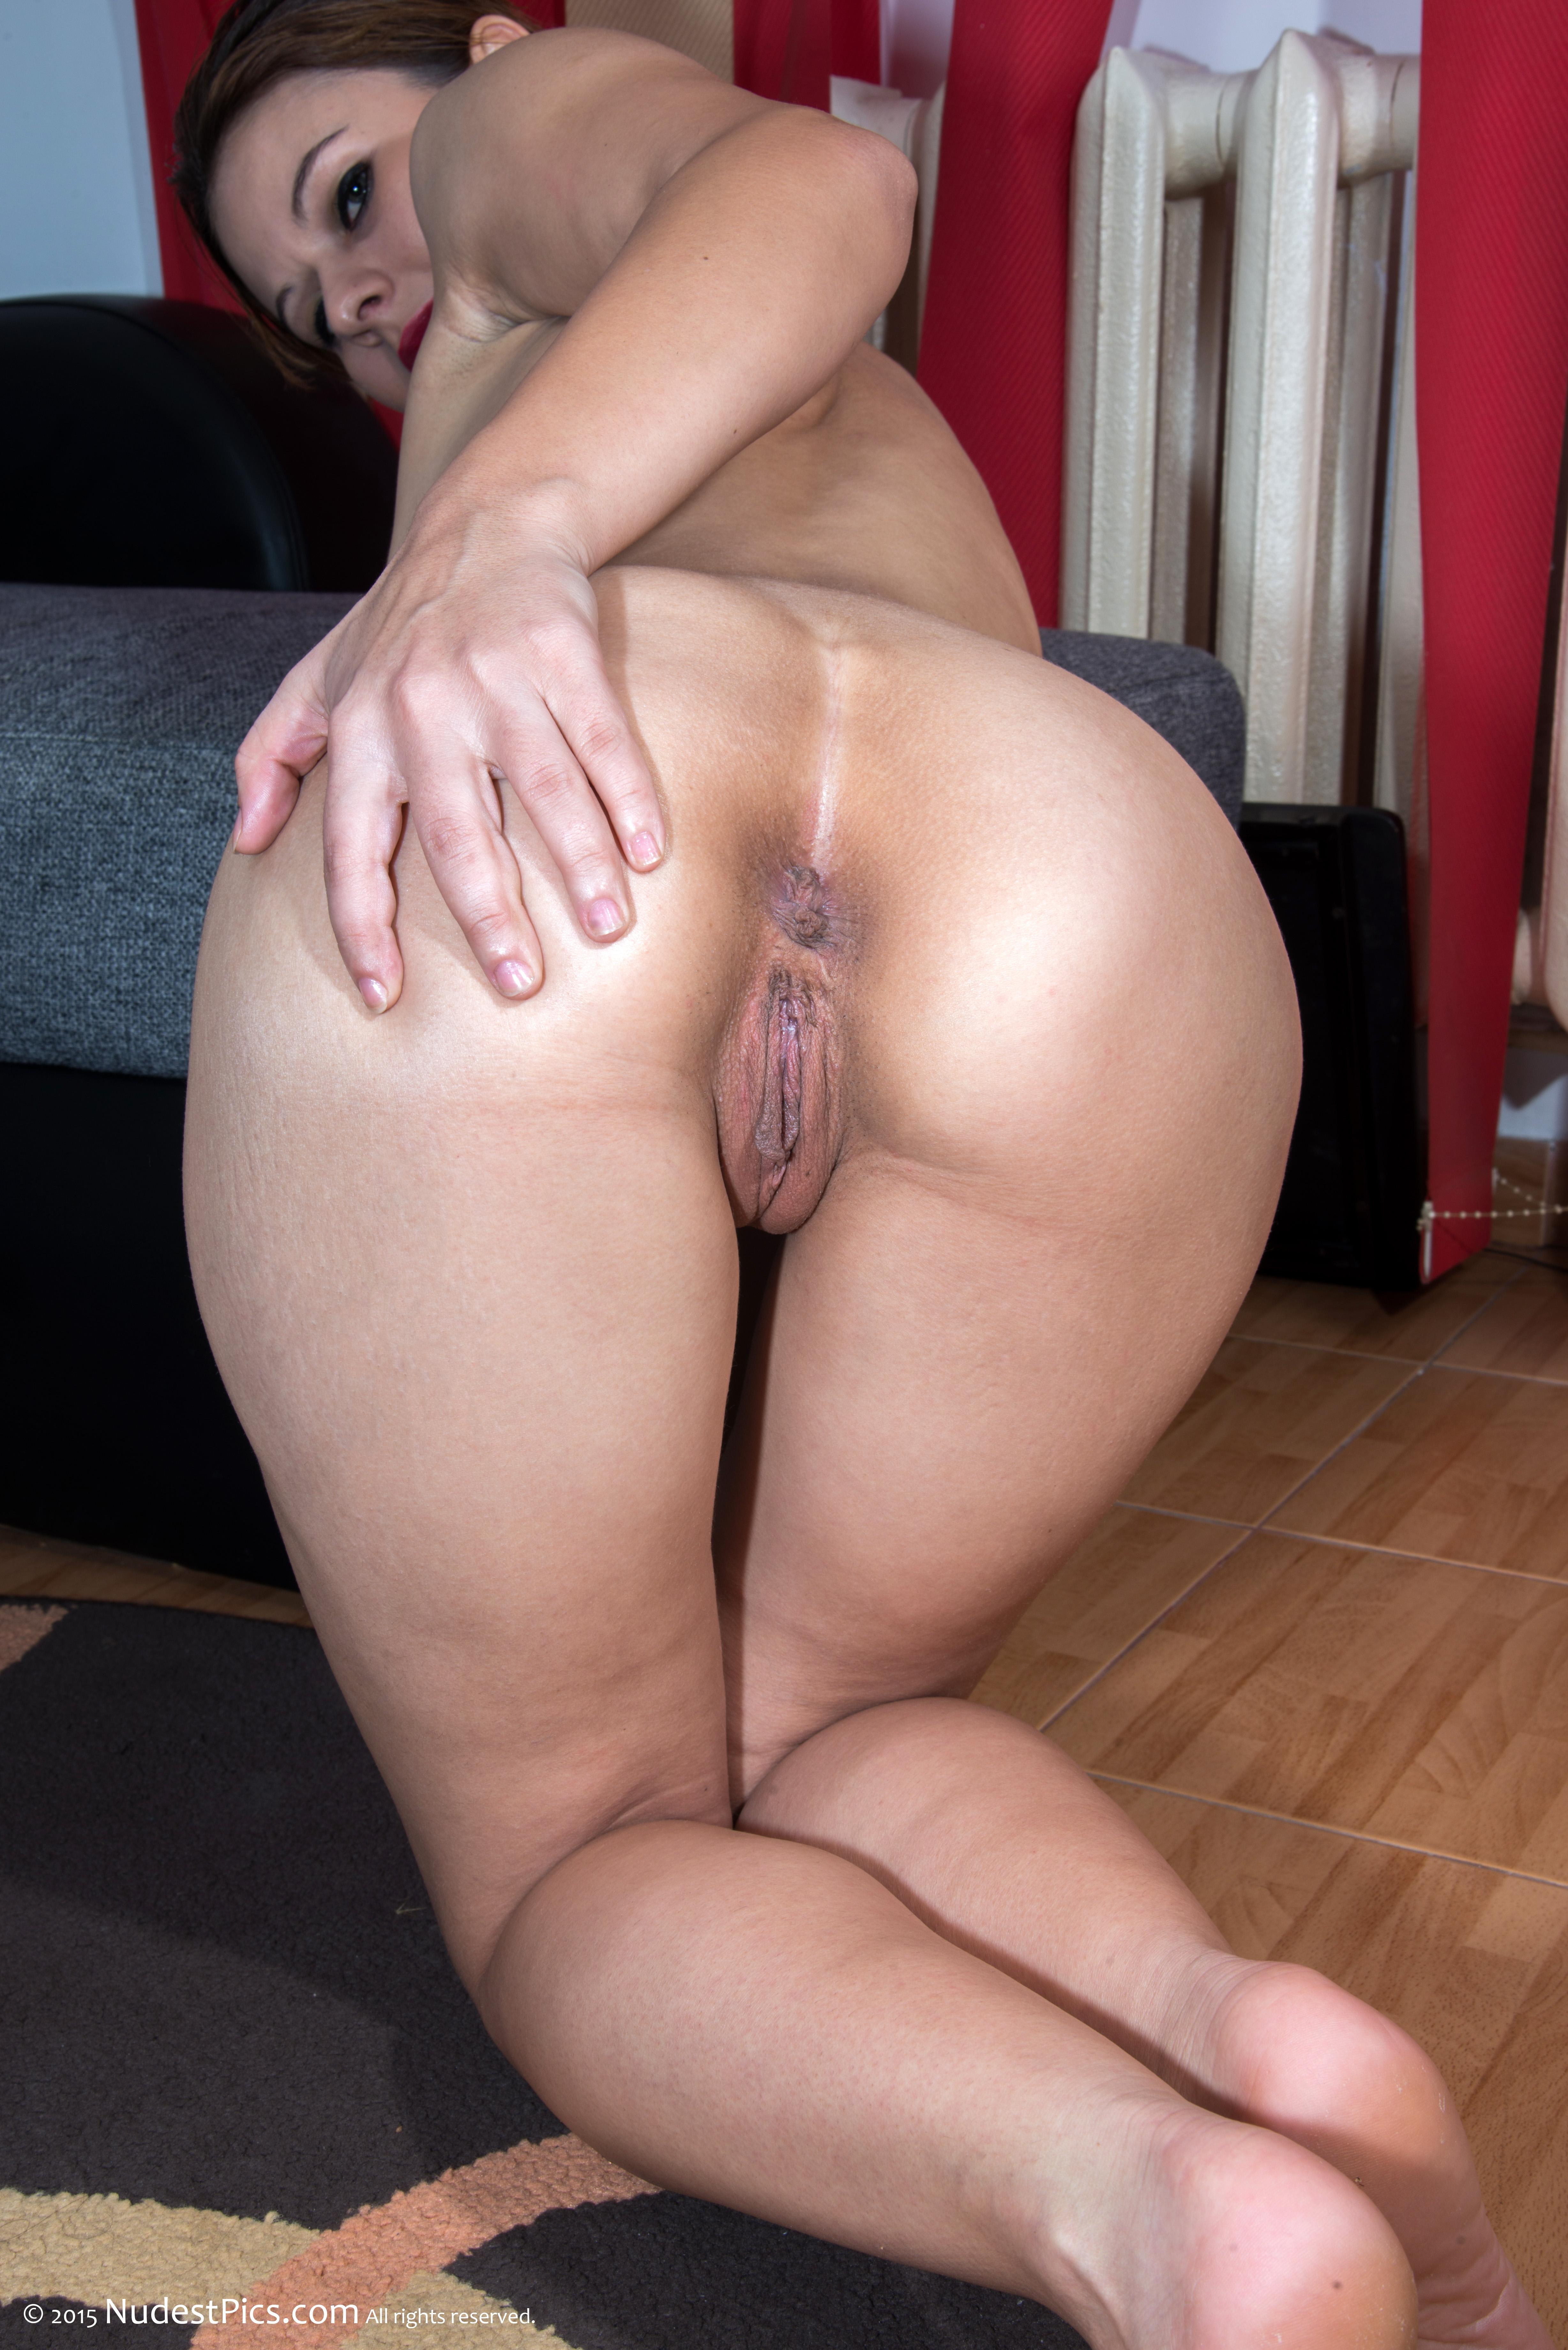 Nude bent over